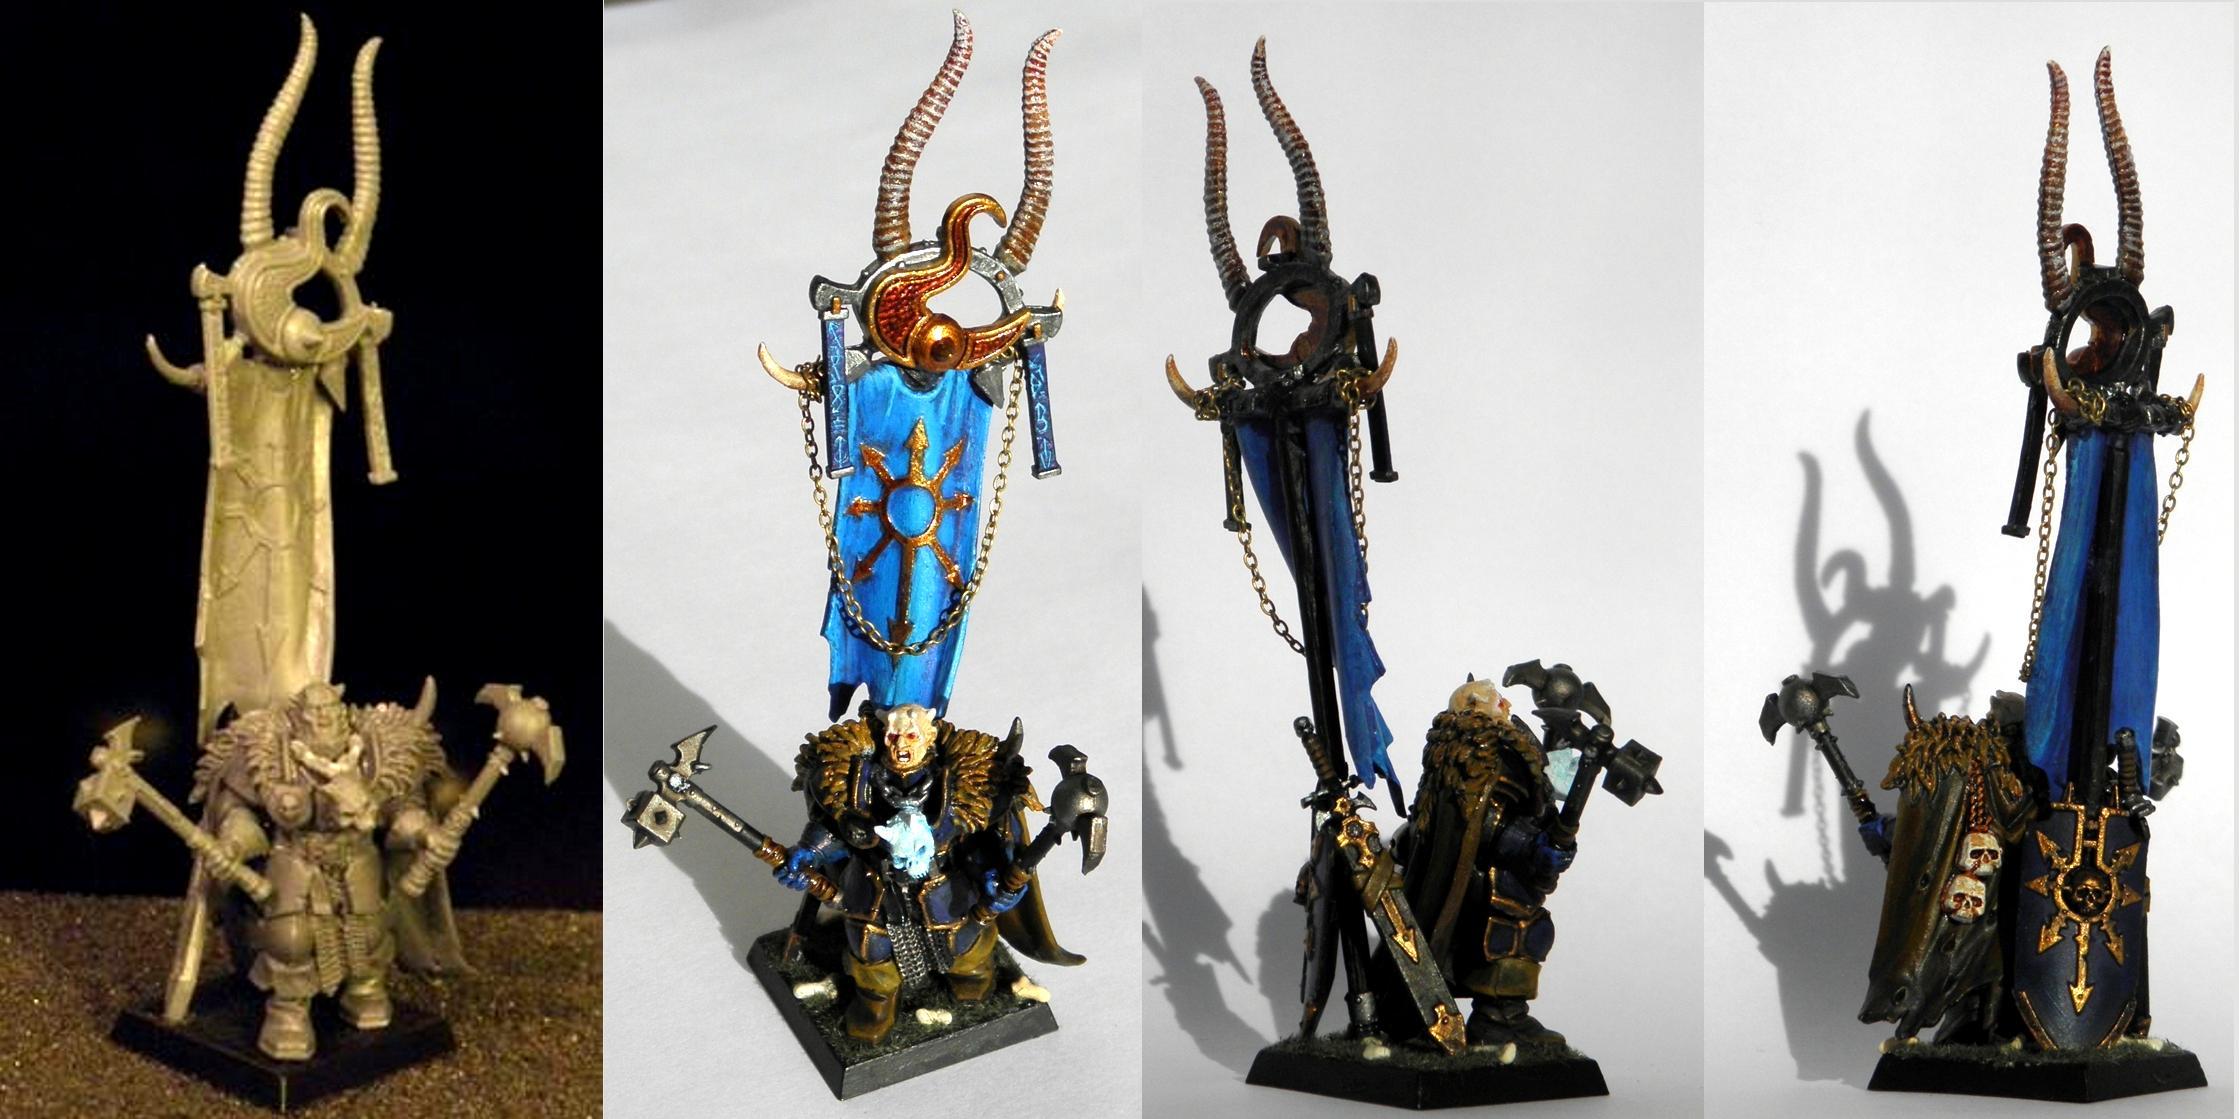 Chaos, Chaos Warrior, Standard Bearer, Tzeentch, Warhammer Fantasy